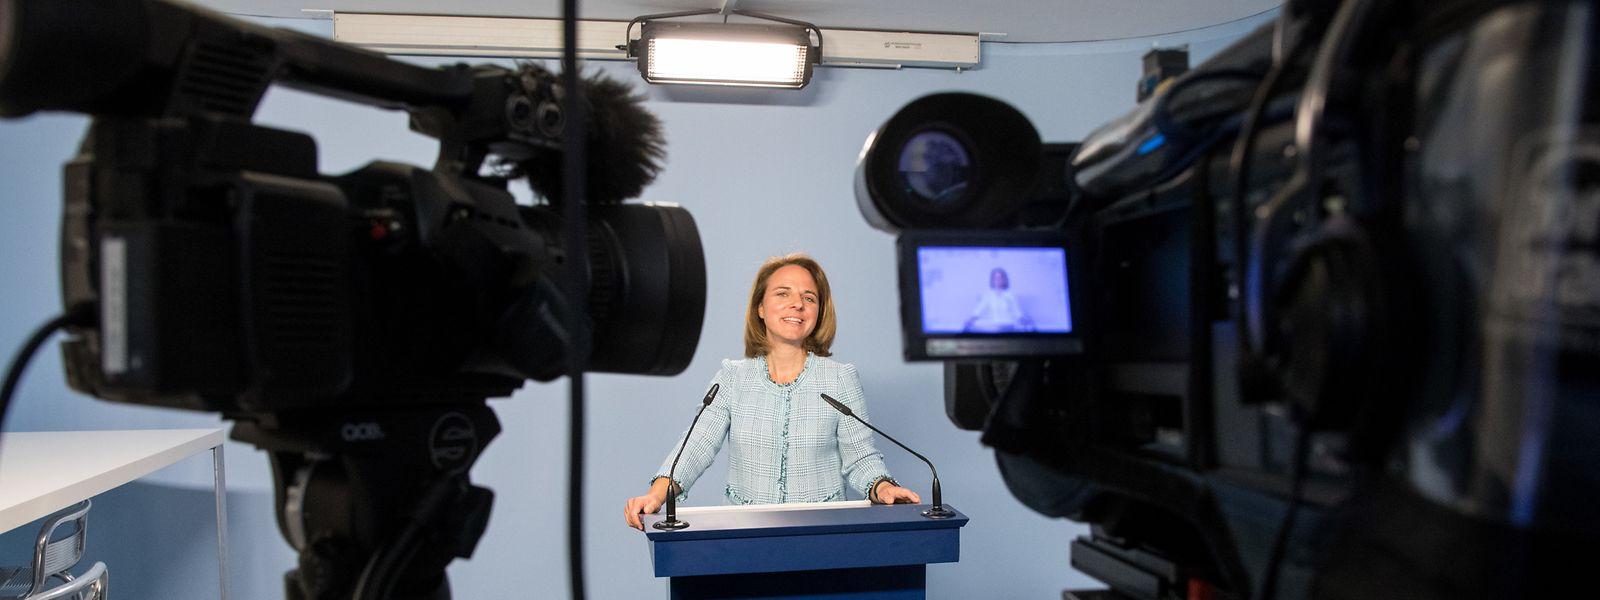 Corinne Cahens DP steht beim Transparenz-Register auf der Bremse.